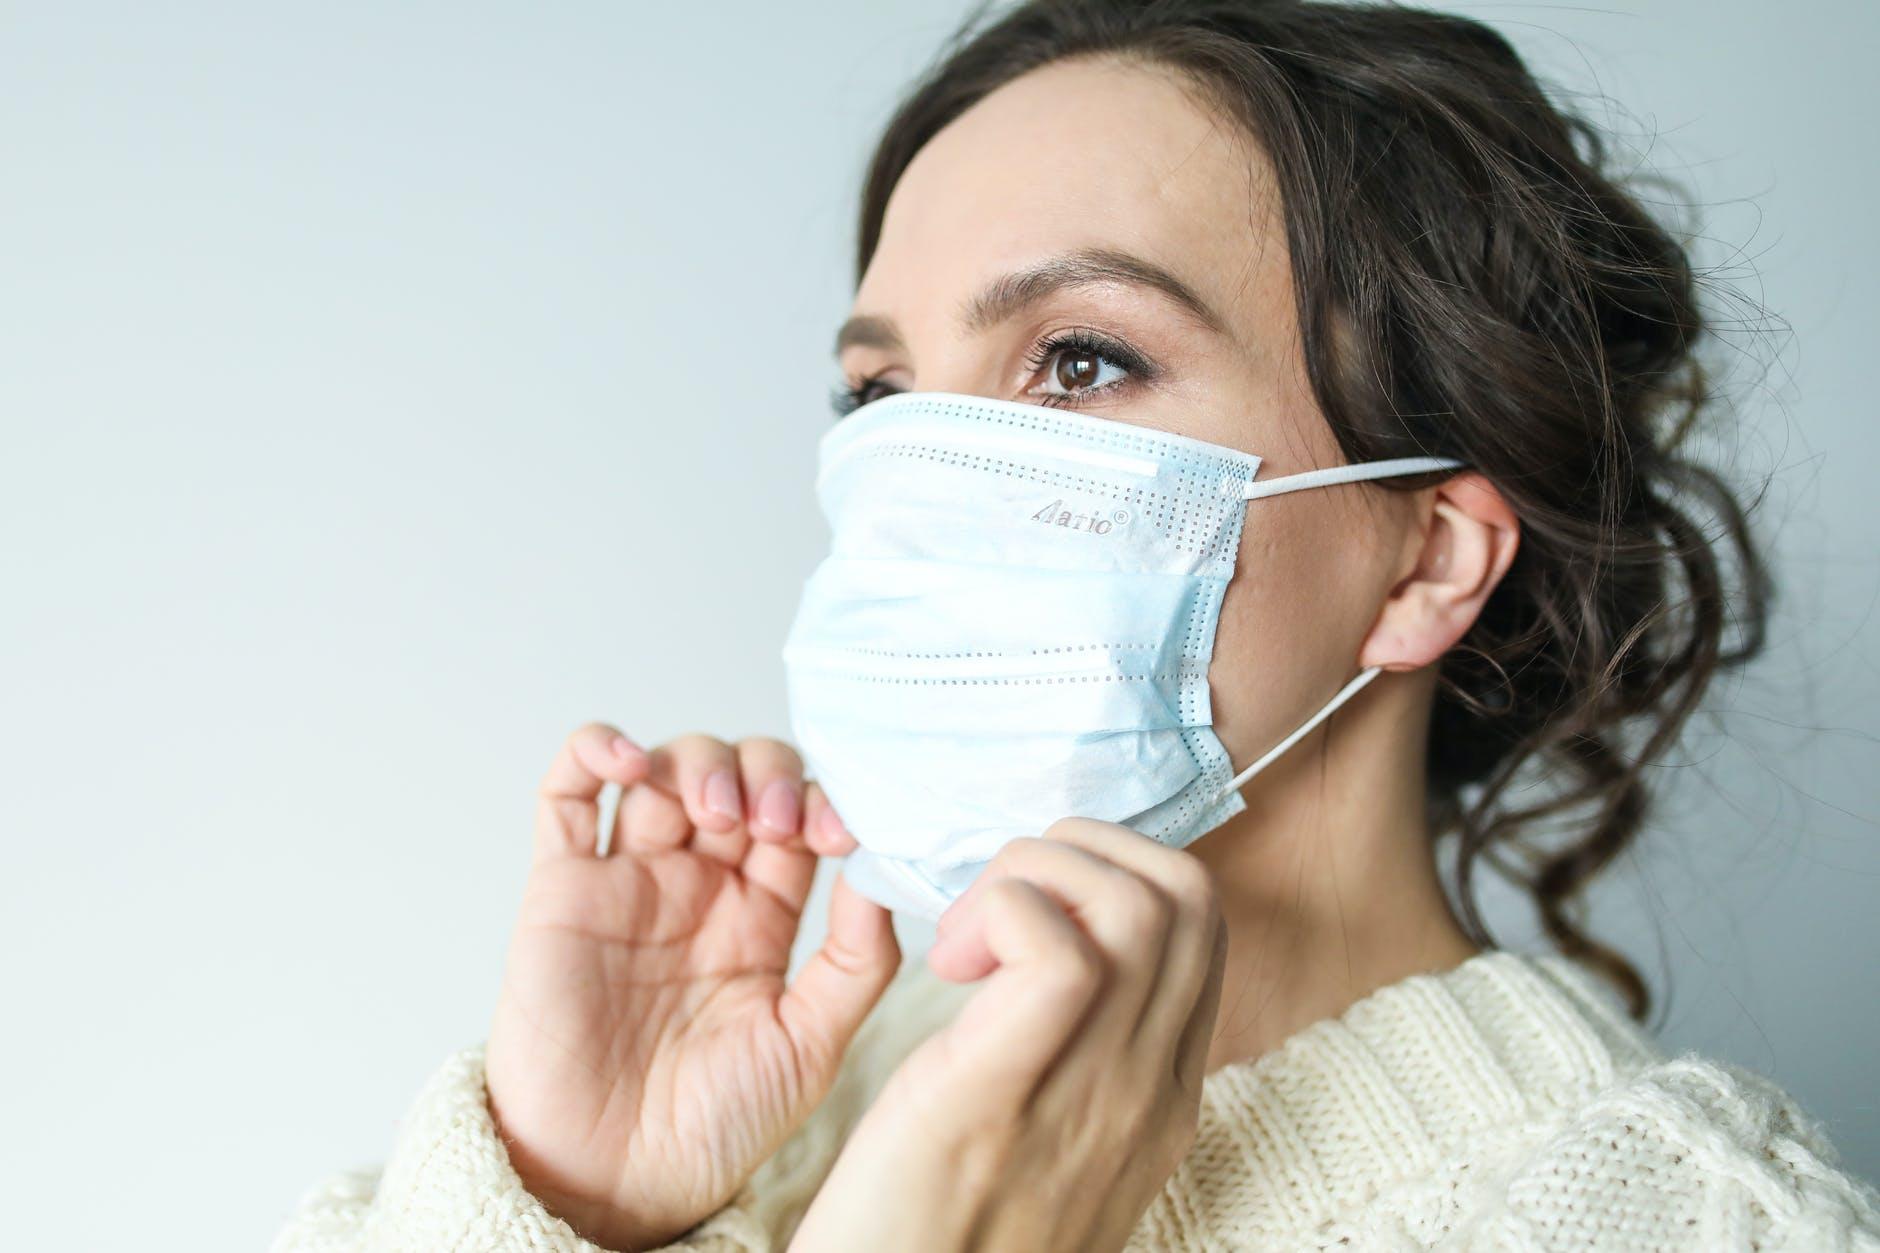 Со среды ношение масок в общественном транспорте больше не будет обязательным